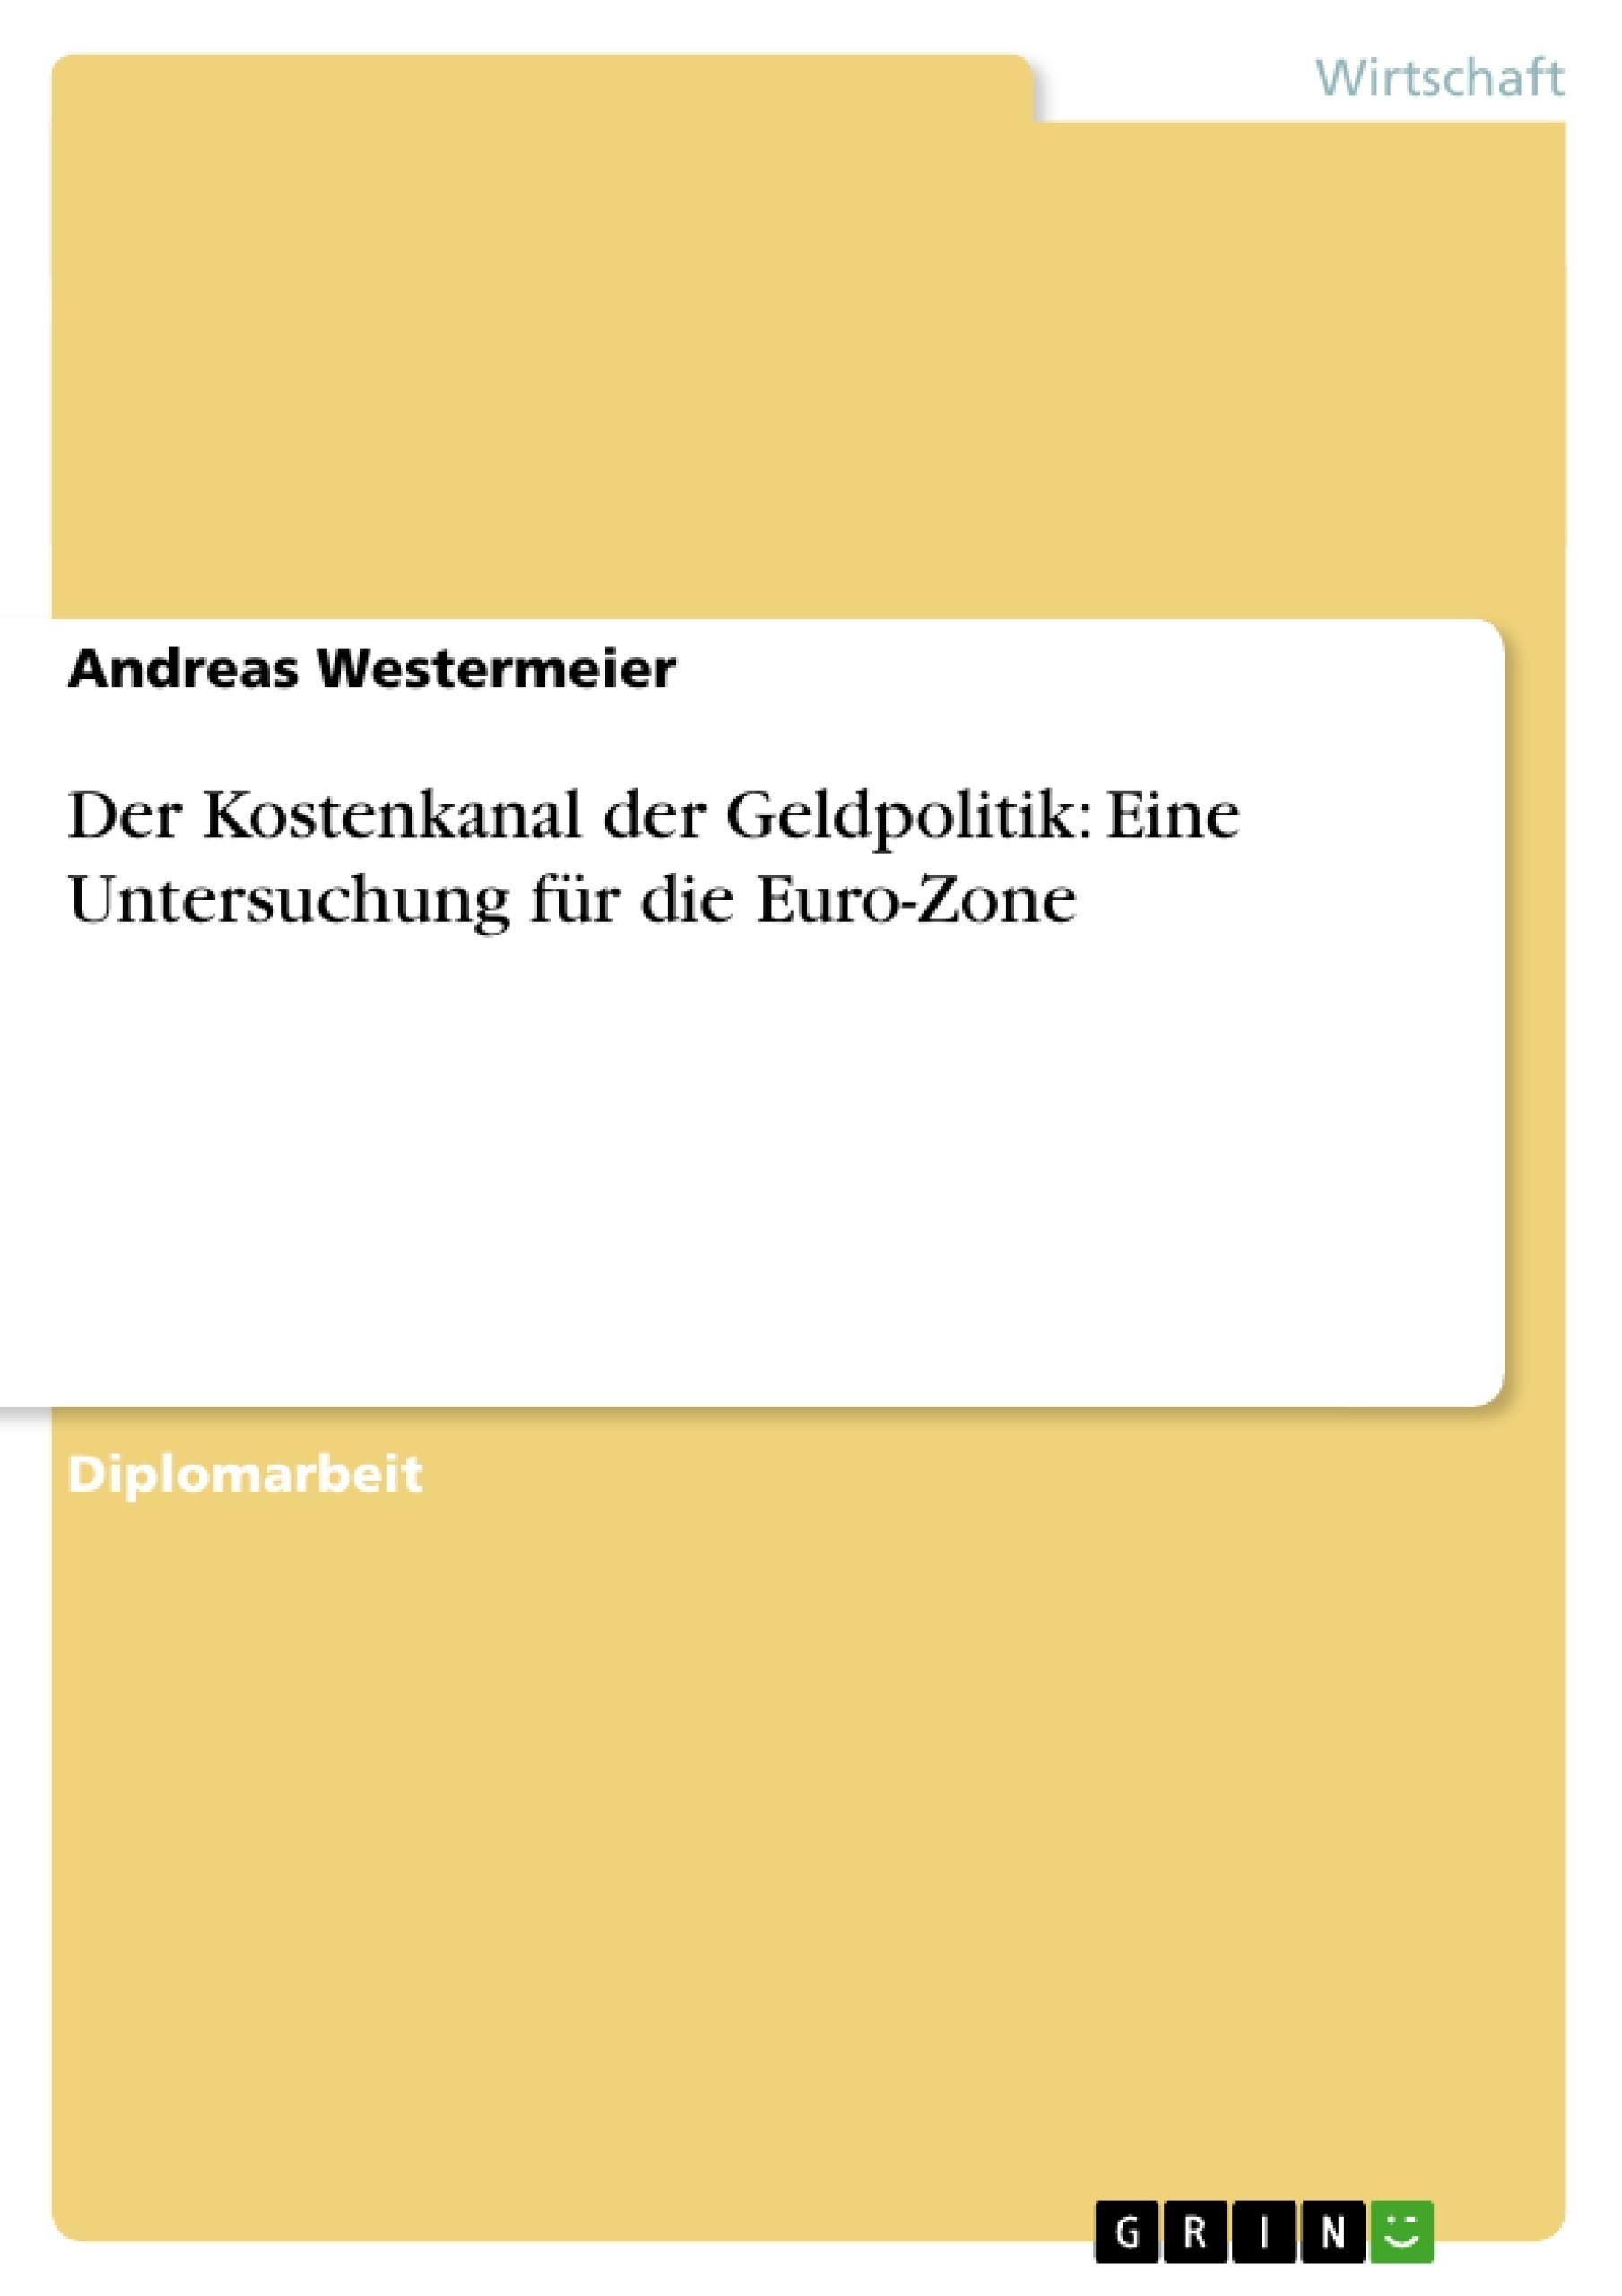 Titel: Der Kostenkanal der Geldpolitik: Eine Untersuchung für die Euro-Zone